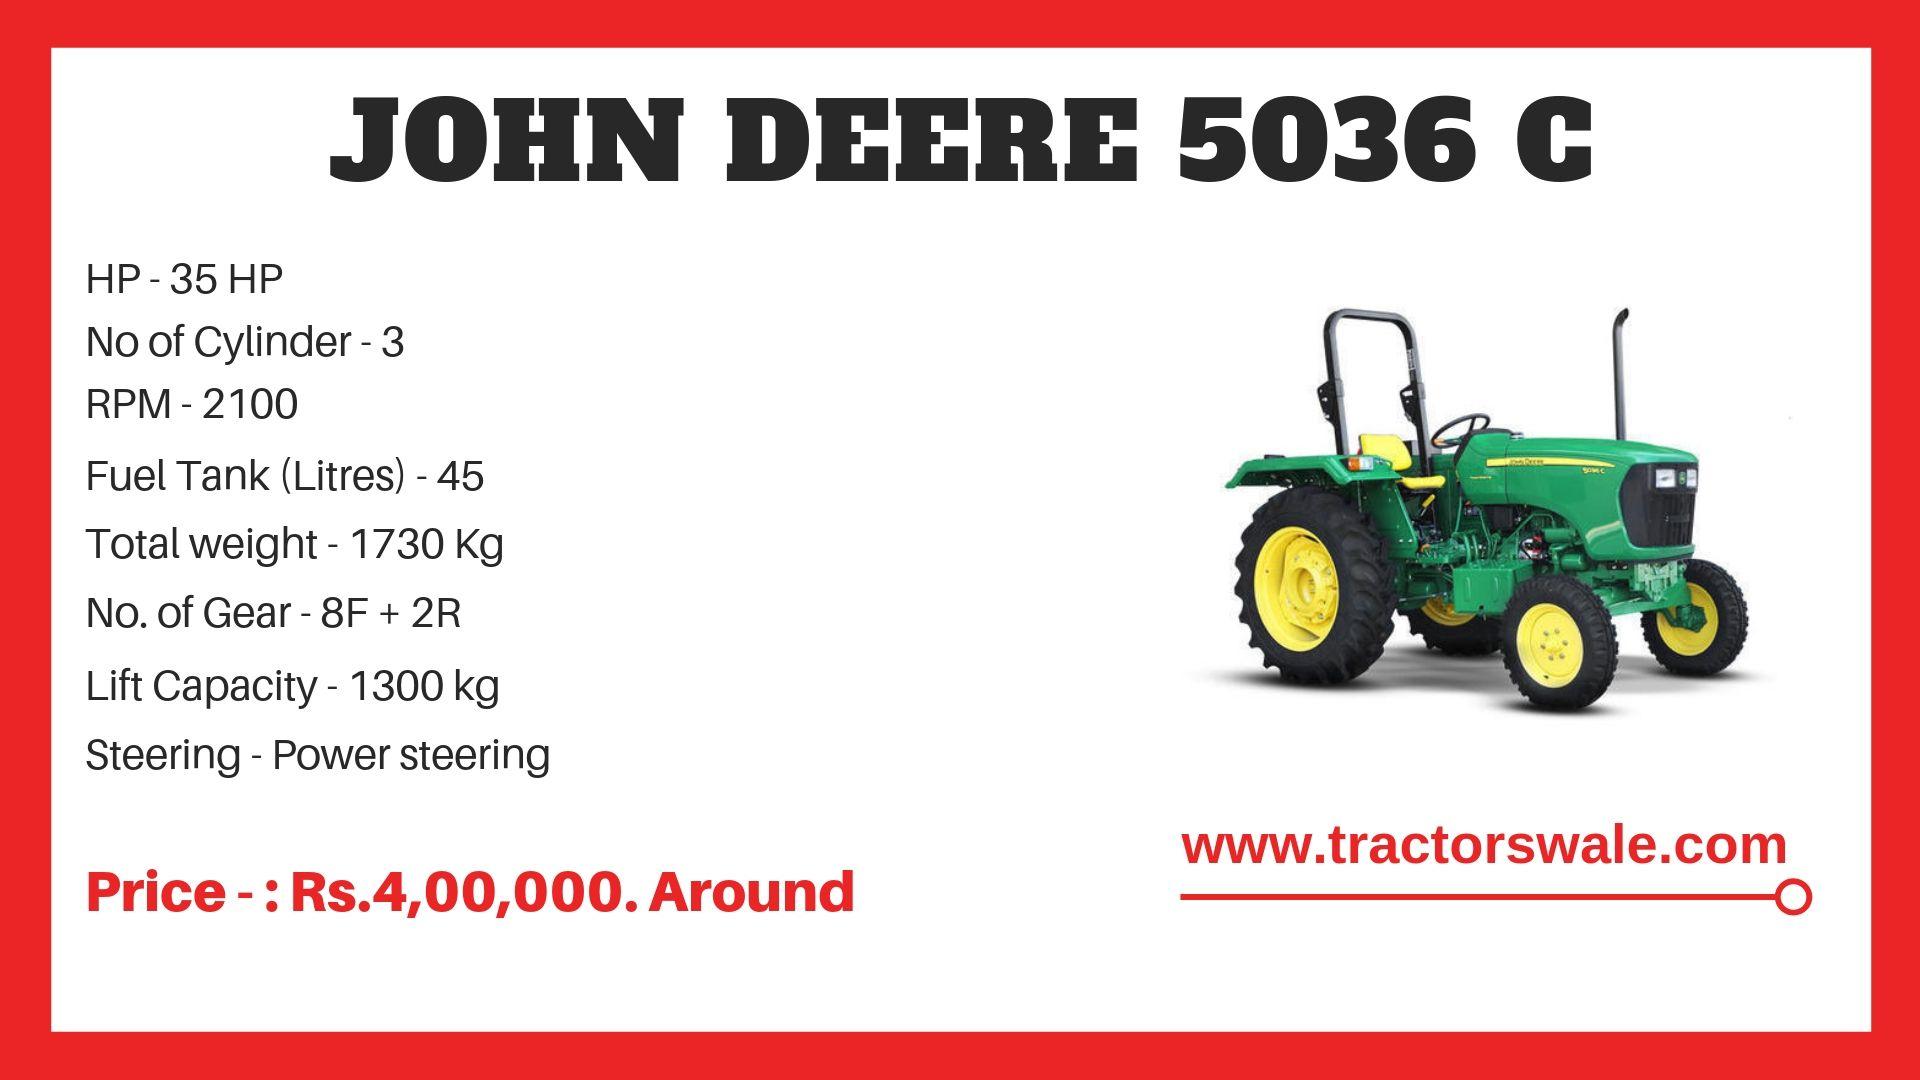 John Deere 5036 C Specifications